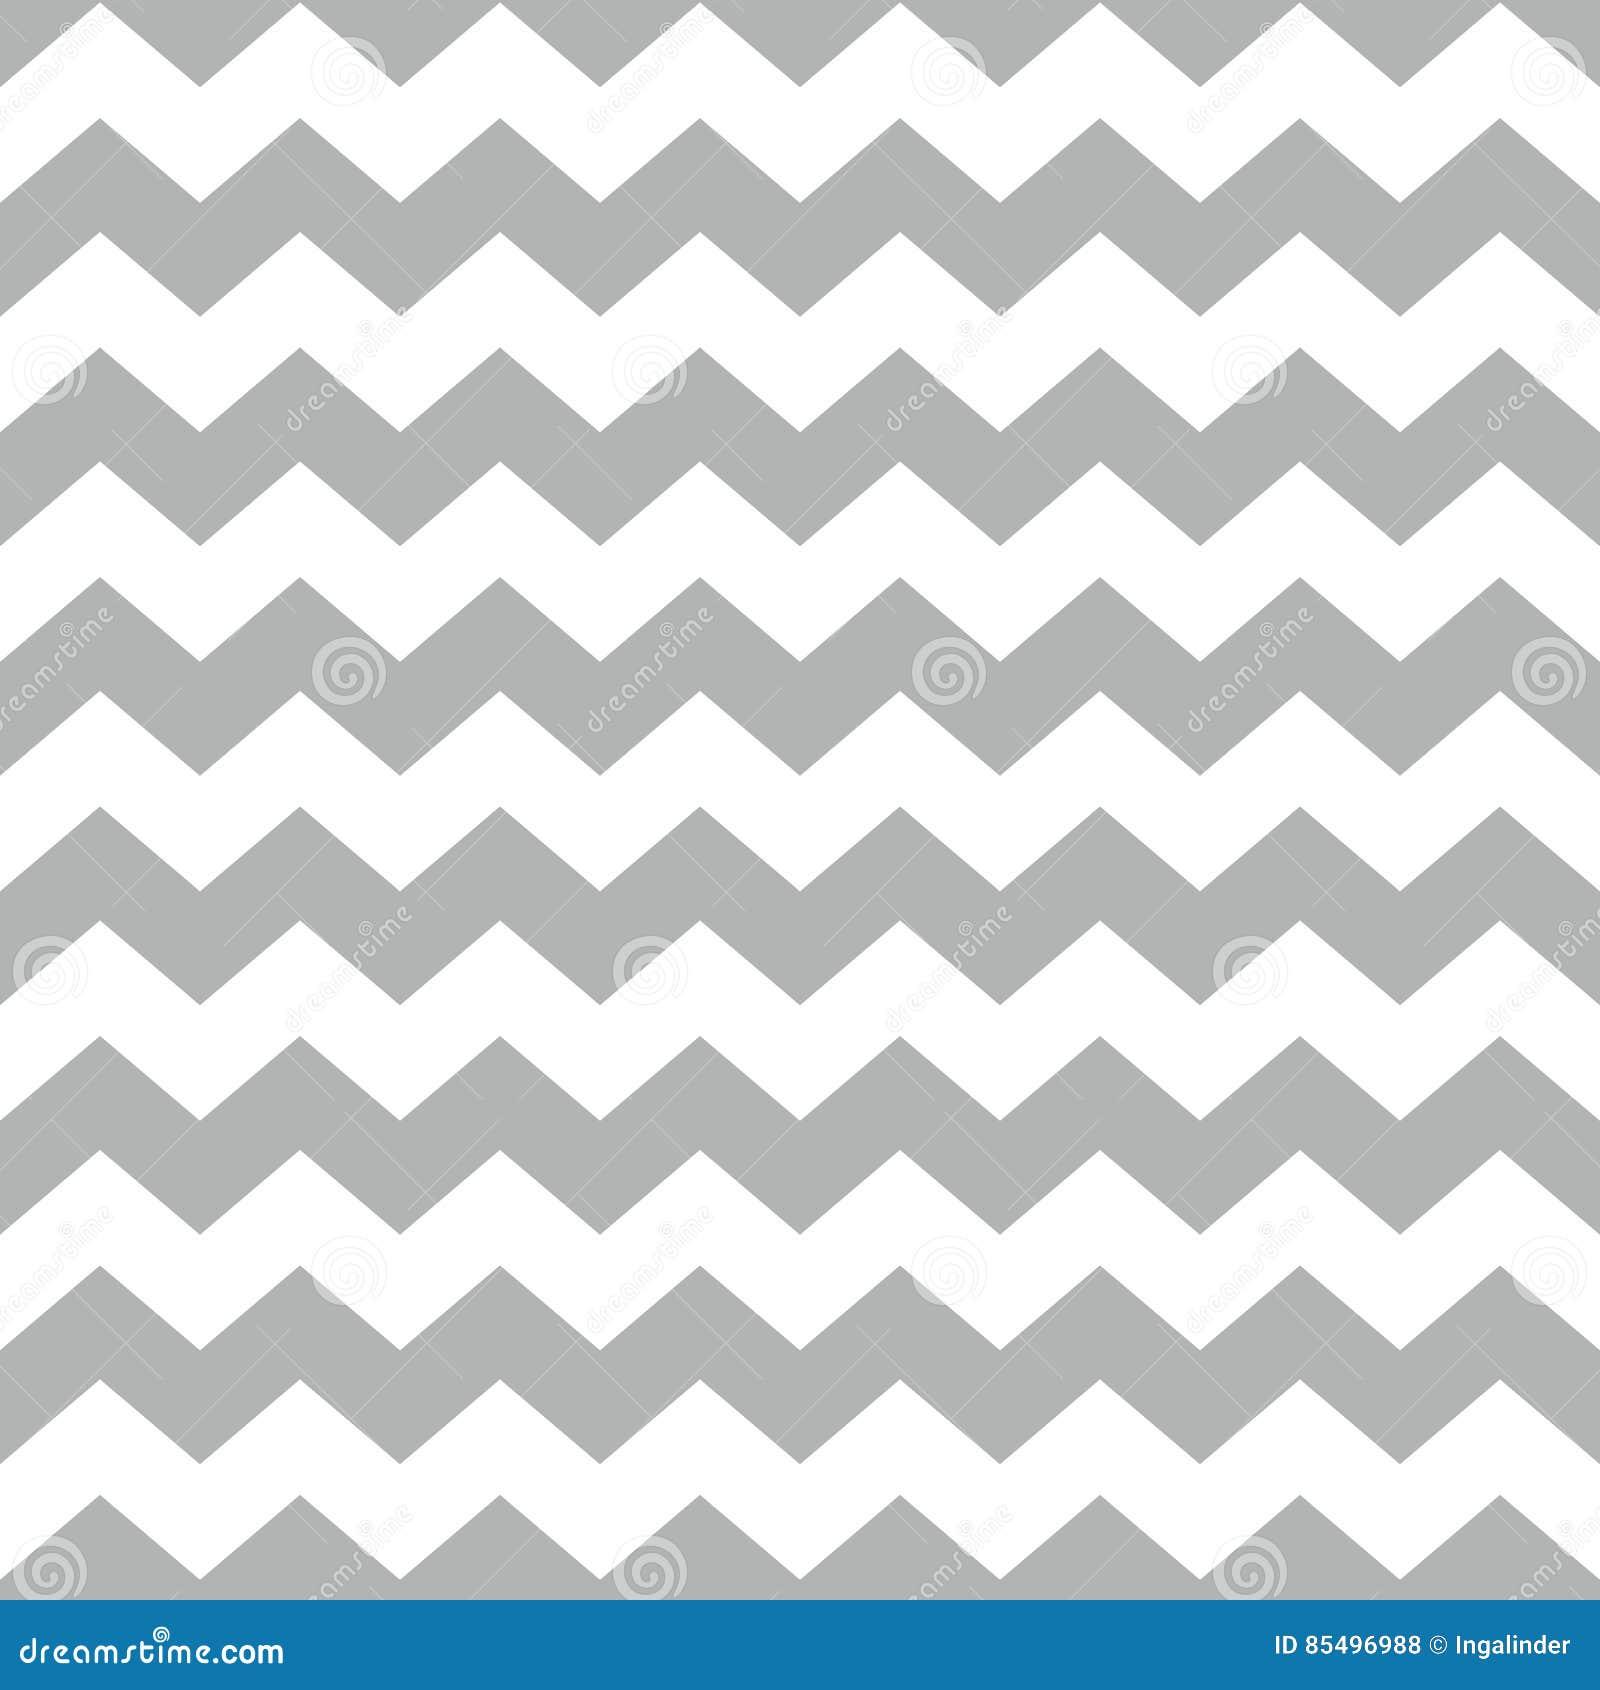 Piastrelli il modello di vettore del gallone con il fondo bianco e grigio di zigzag